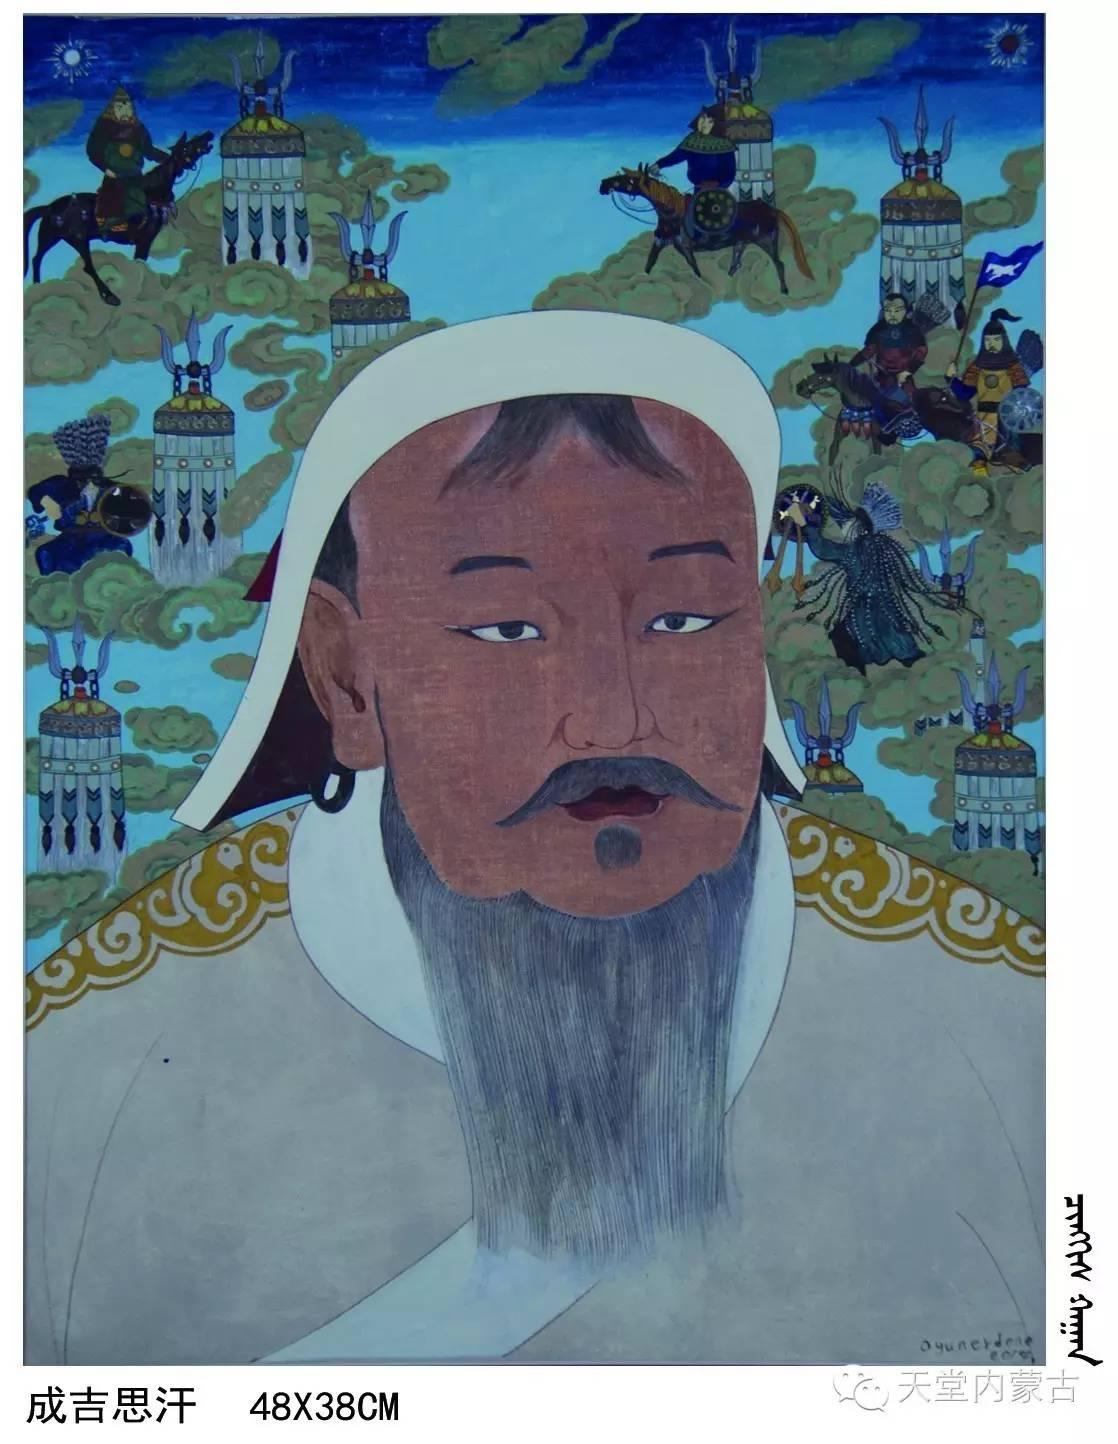 🔴内蒙古蒙古画艺术家乌云额尔德尼《故乡的呼唤》个人艺术展 第3张 🔴内蒙古蒙古画艺术家乌云额尔德尼《故乡的呼唤》个人艺术展 蒙古画廊